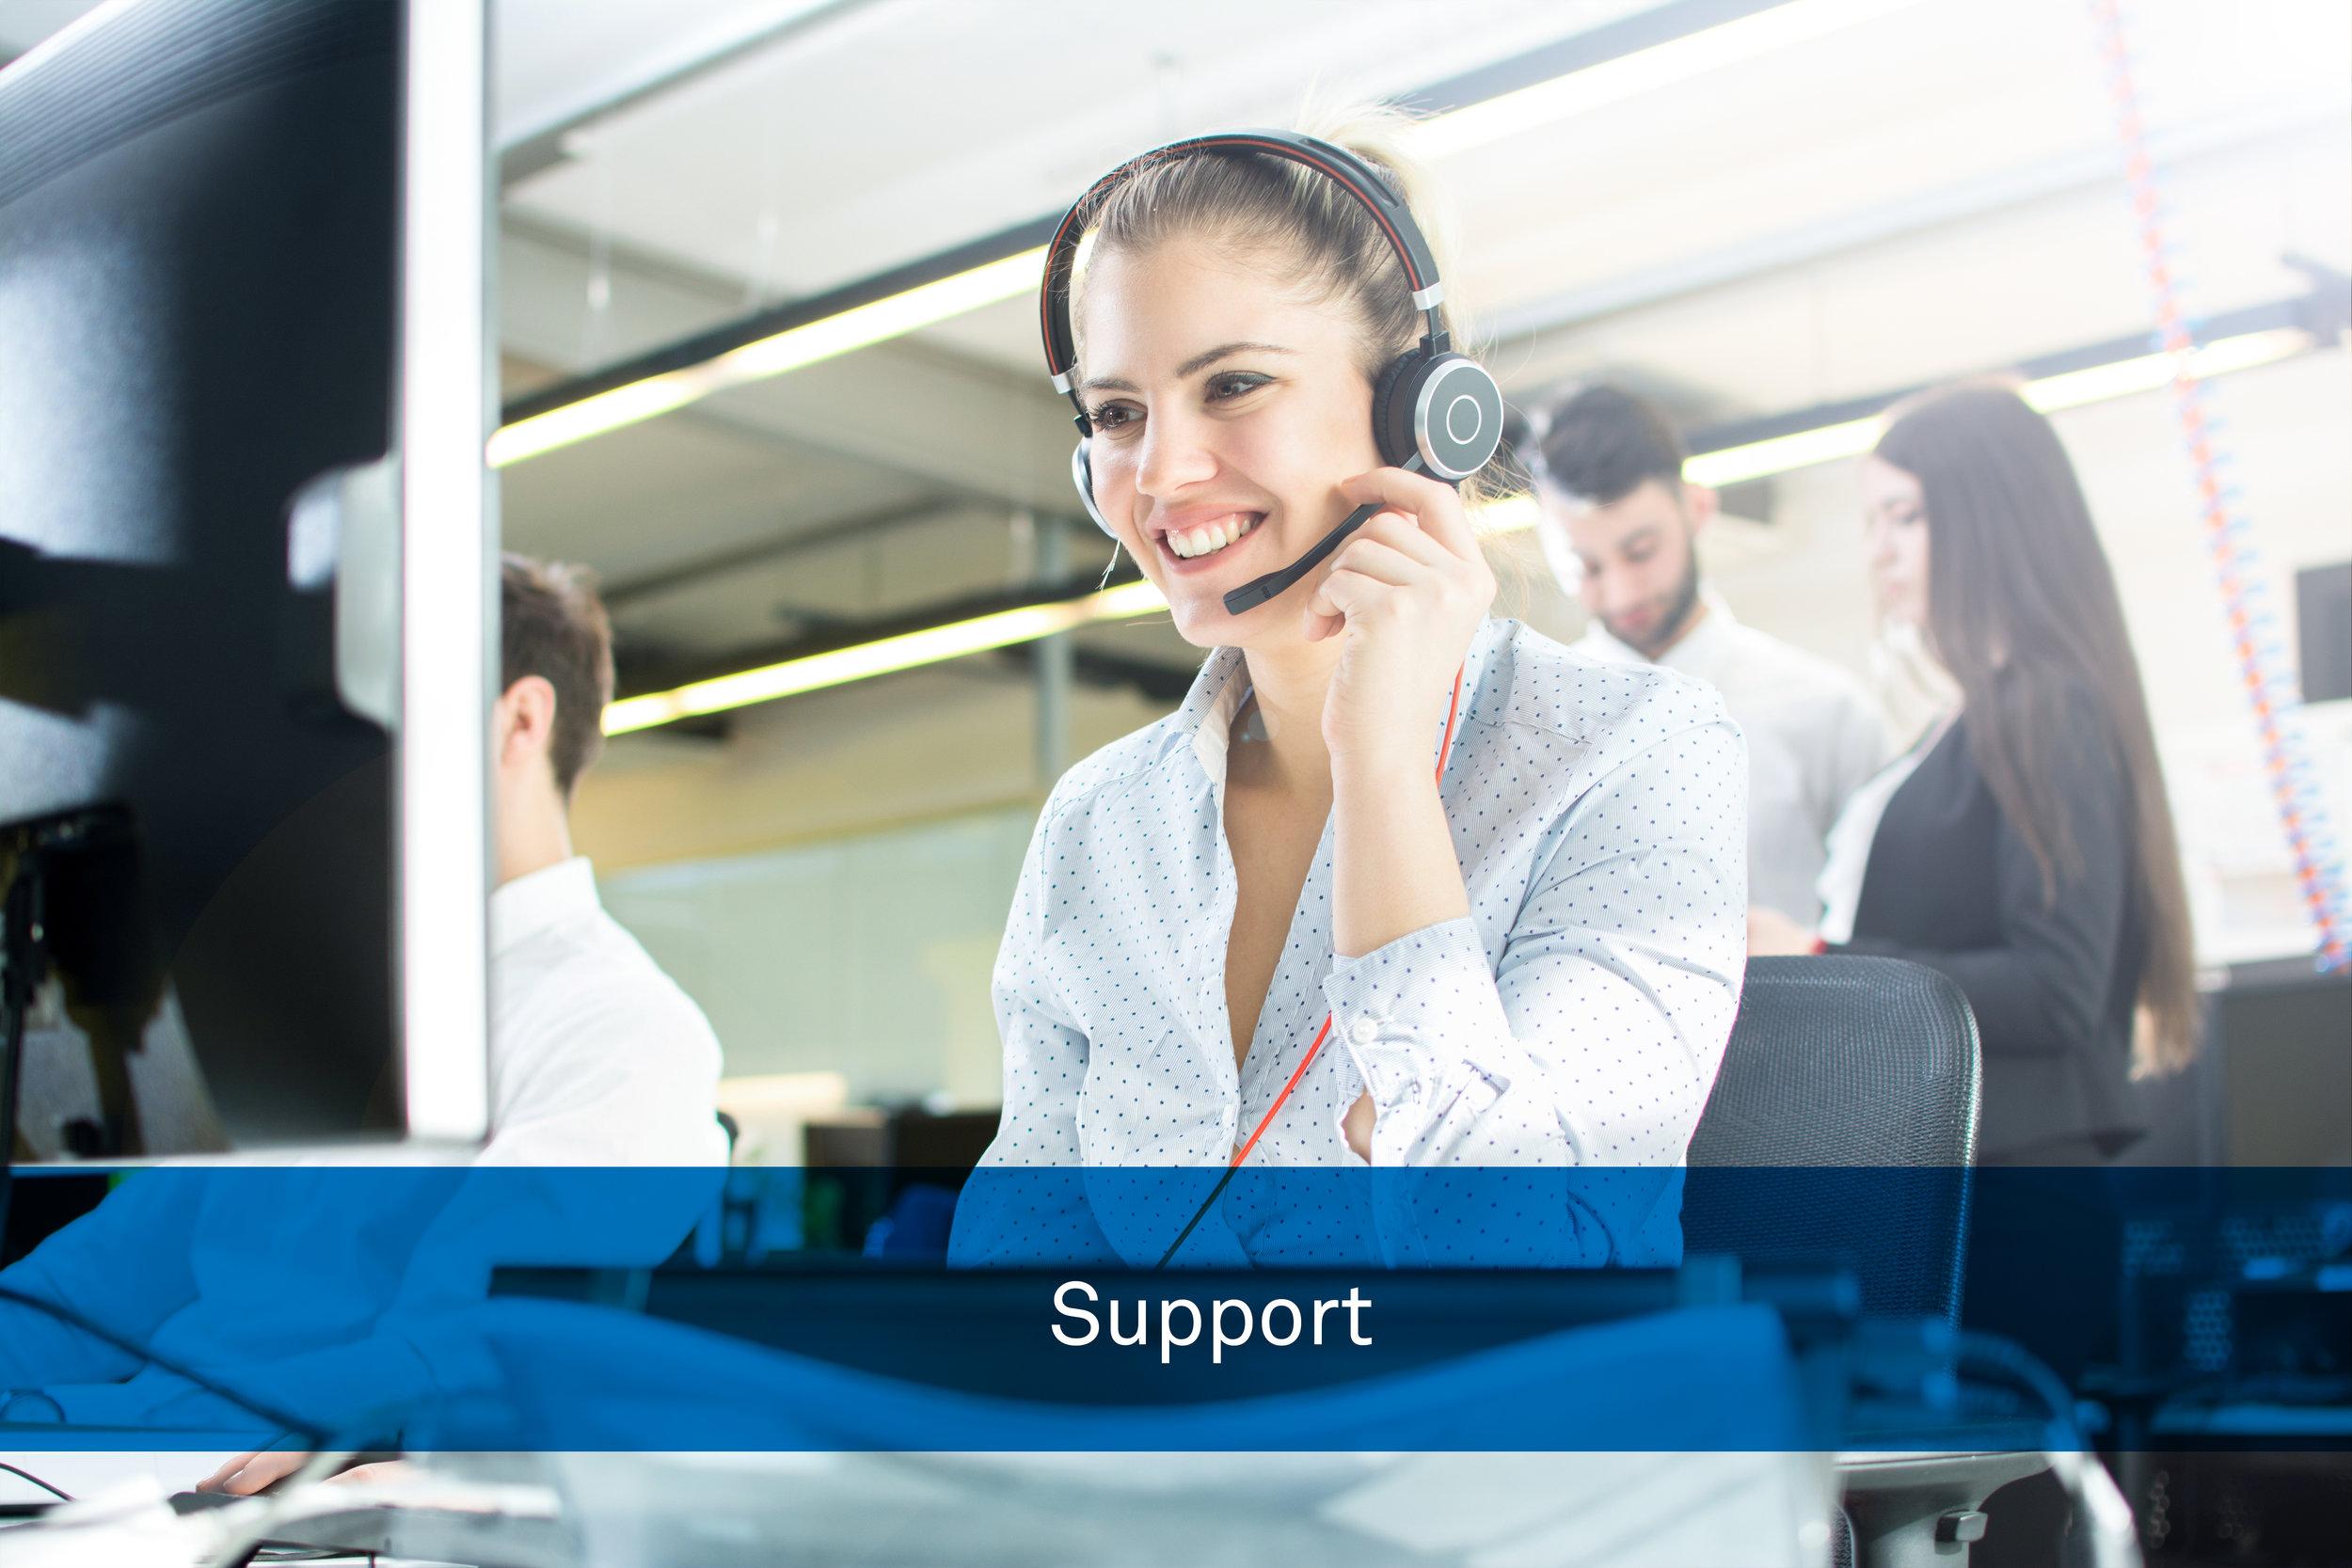 slideshow_support.jpg